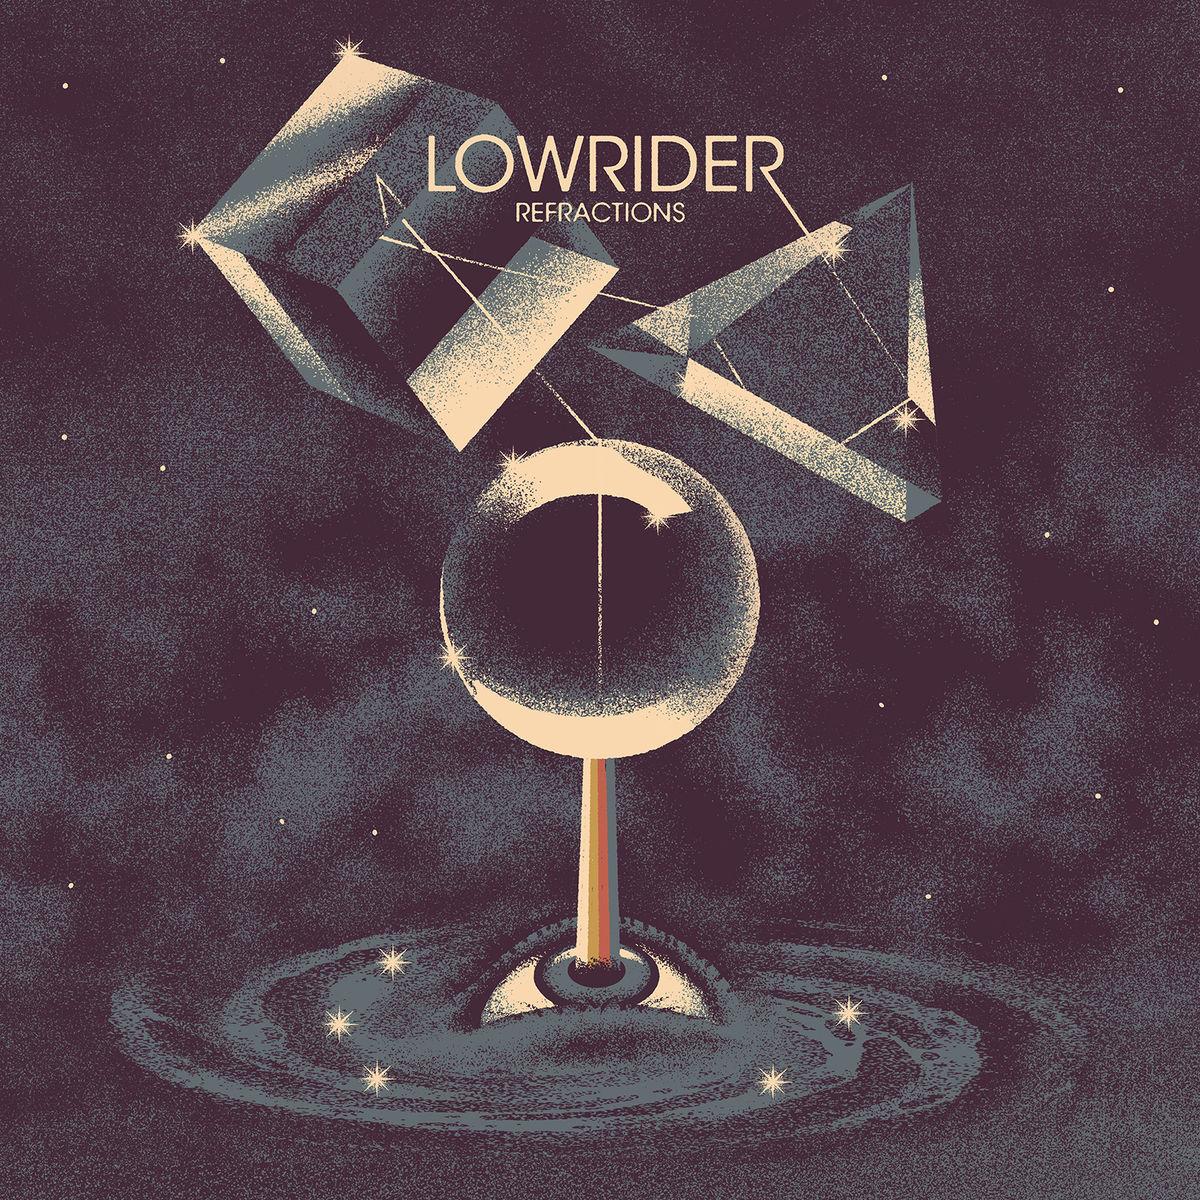 Lowrider so prekosili vsa pričakovanja in po novem ne bo iz zvočnikov hrumel le zvok prvenca, temveč se bo namensko lomilo fraktale realnosti tudi s perfekcijo plošče Refractions.